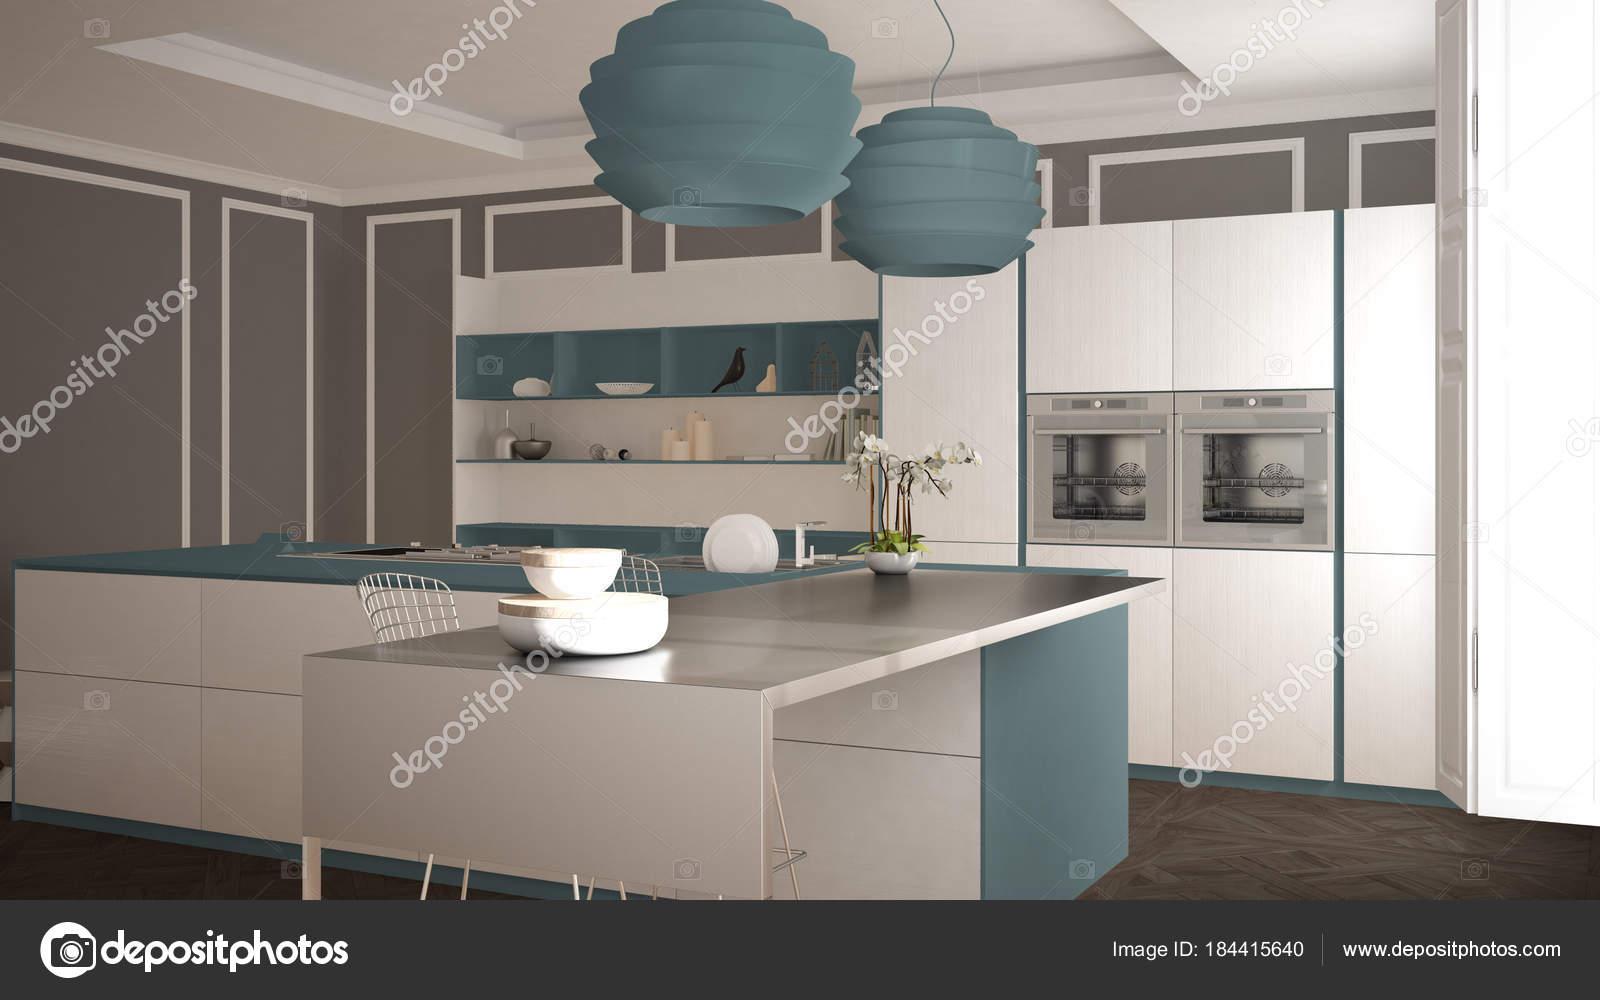 Nett Küchendesign Mit Zwei Inseln Bilder - Ideen Für Die Küche ...